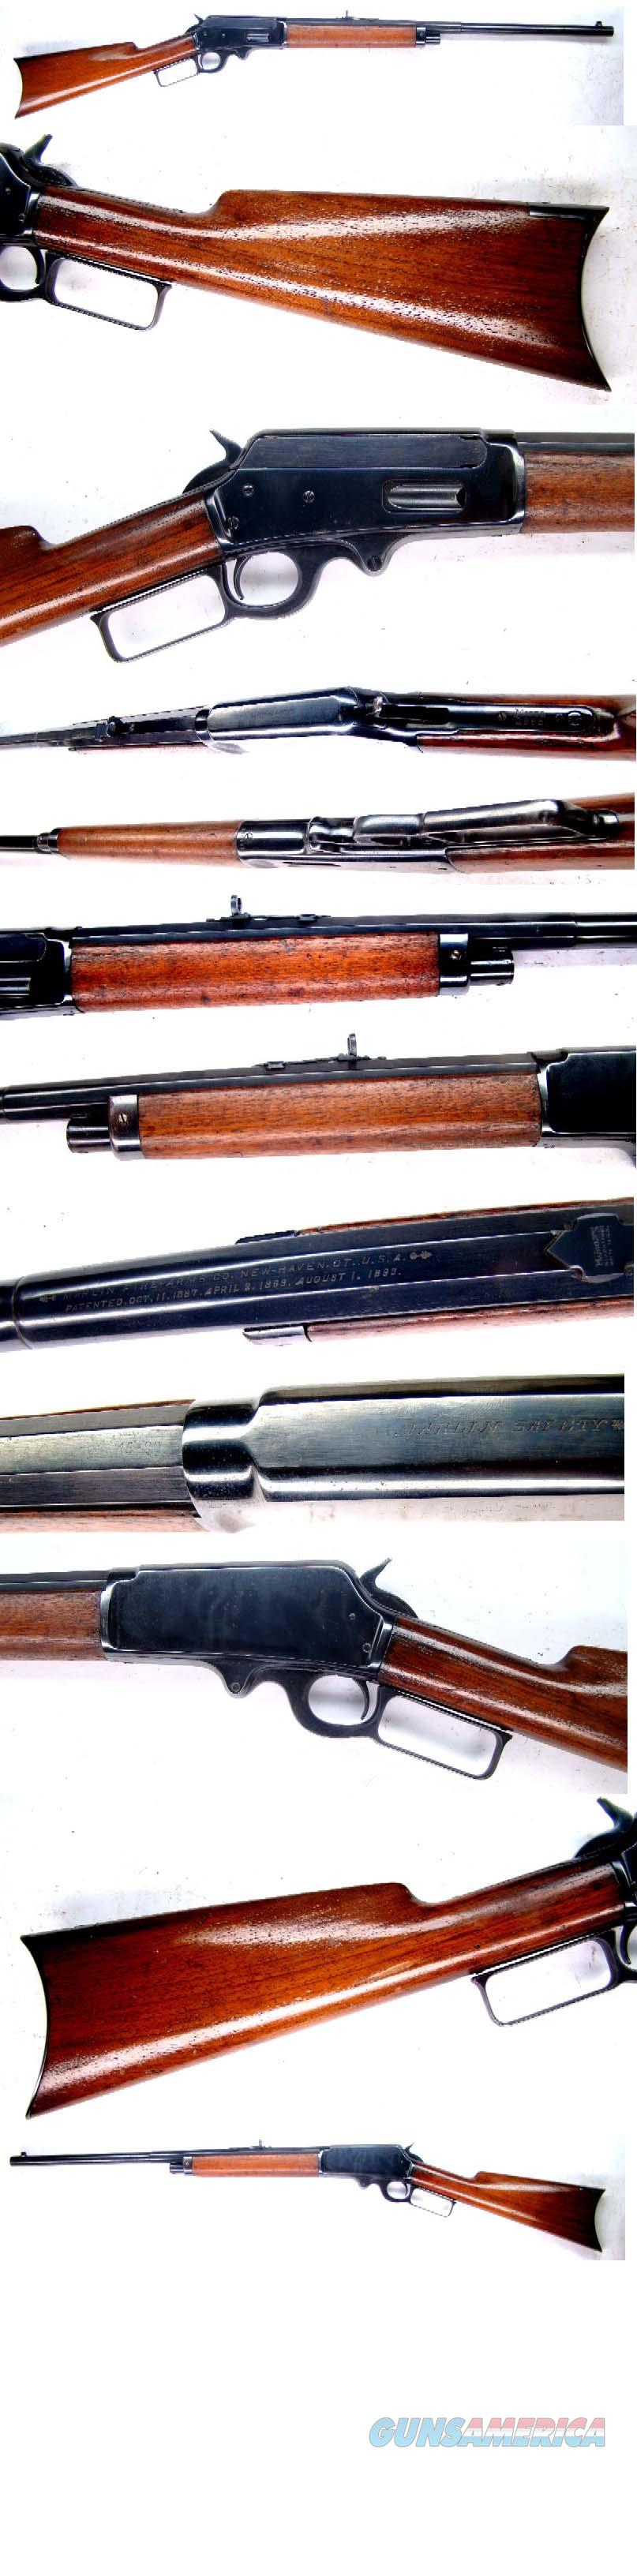 Marlin 1895 Sporting Rifle 45-90  Guns > Rifles > Marlin Rifles > Pre-1899